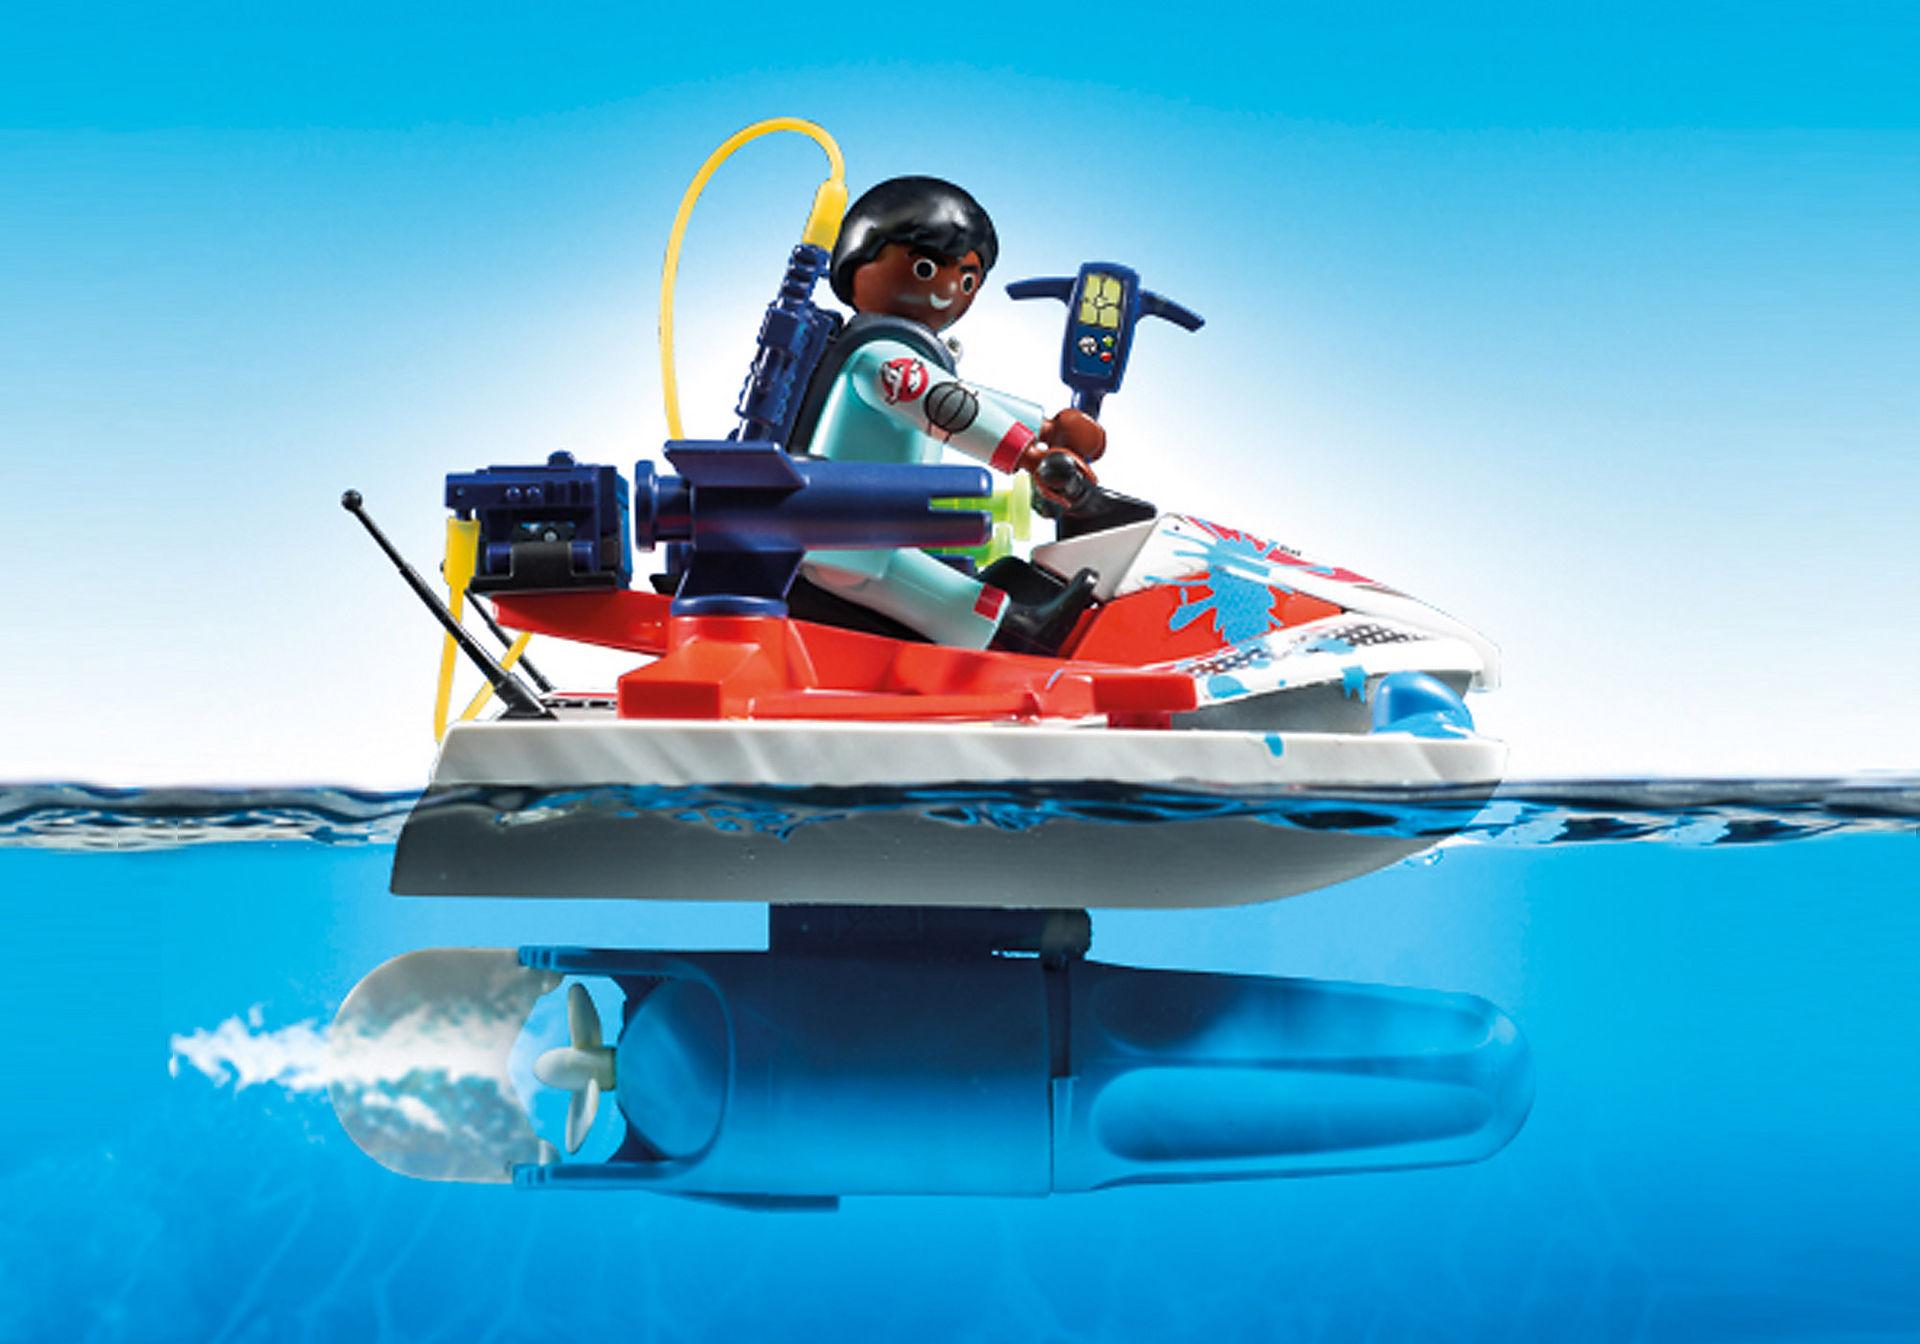 http://media.playmobil.com/i/playmobil/9387_product_extra3/Zeddemore med vattenskoter